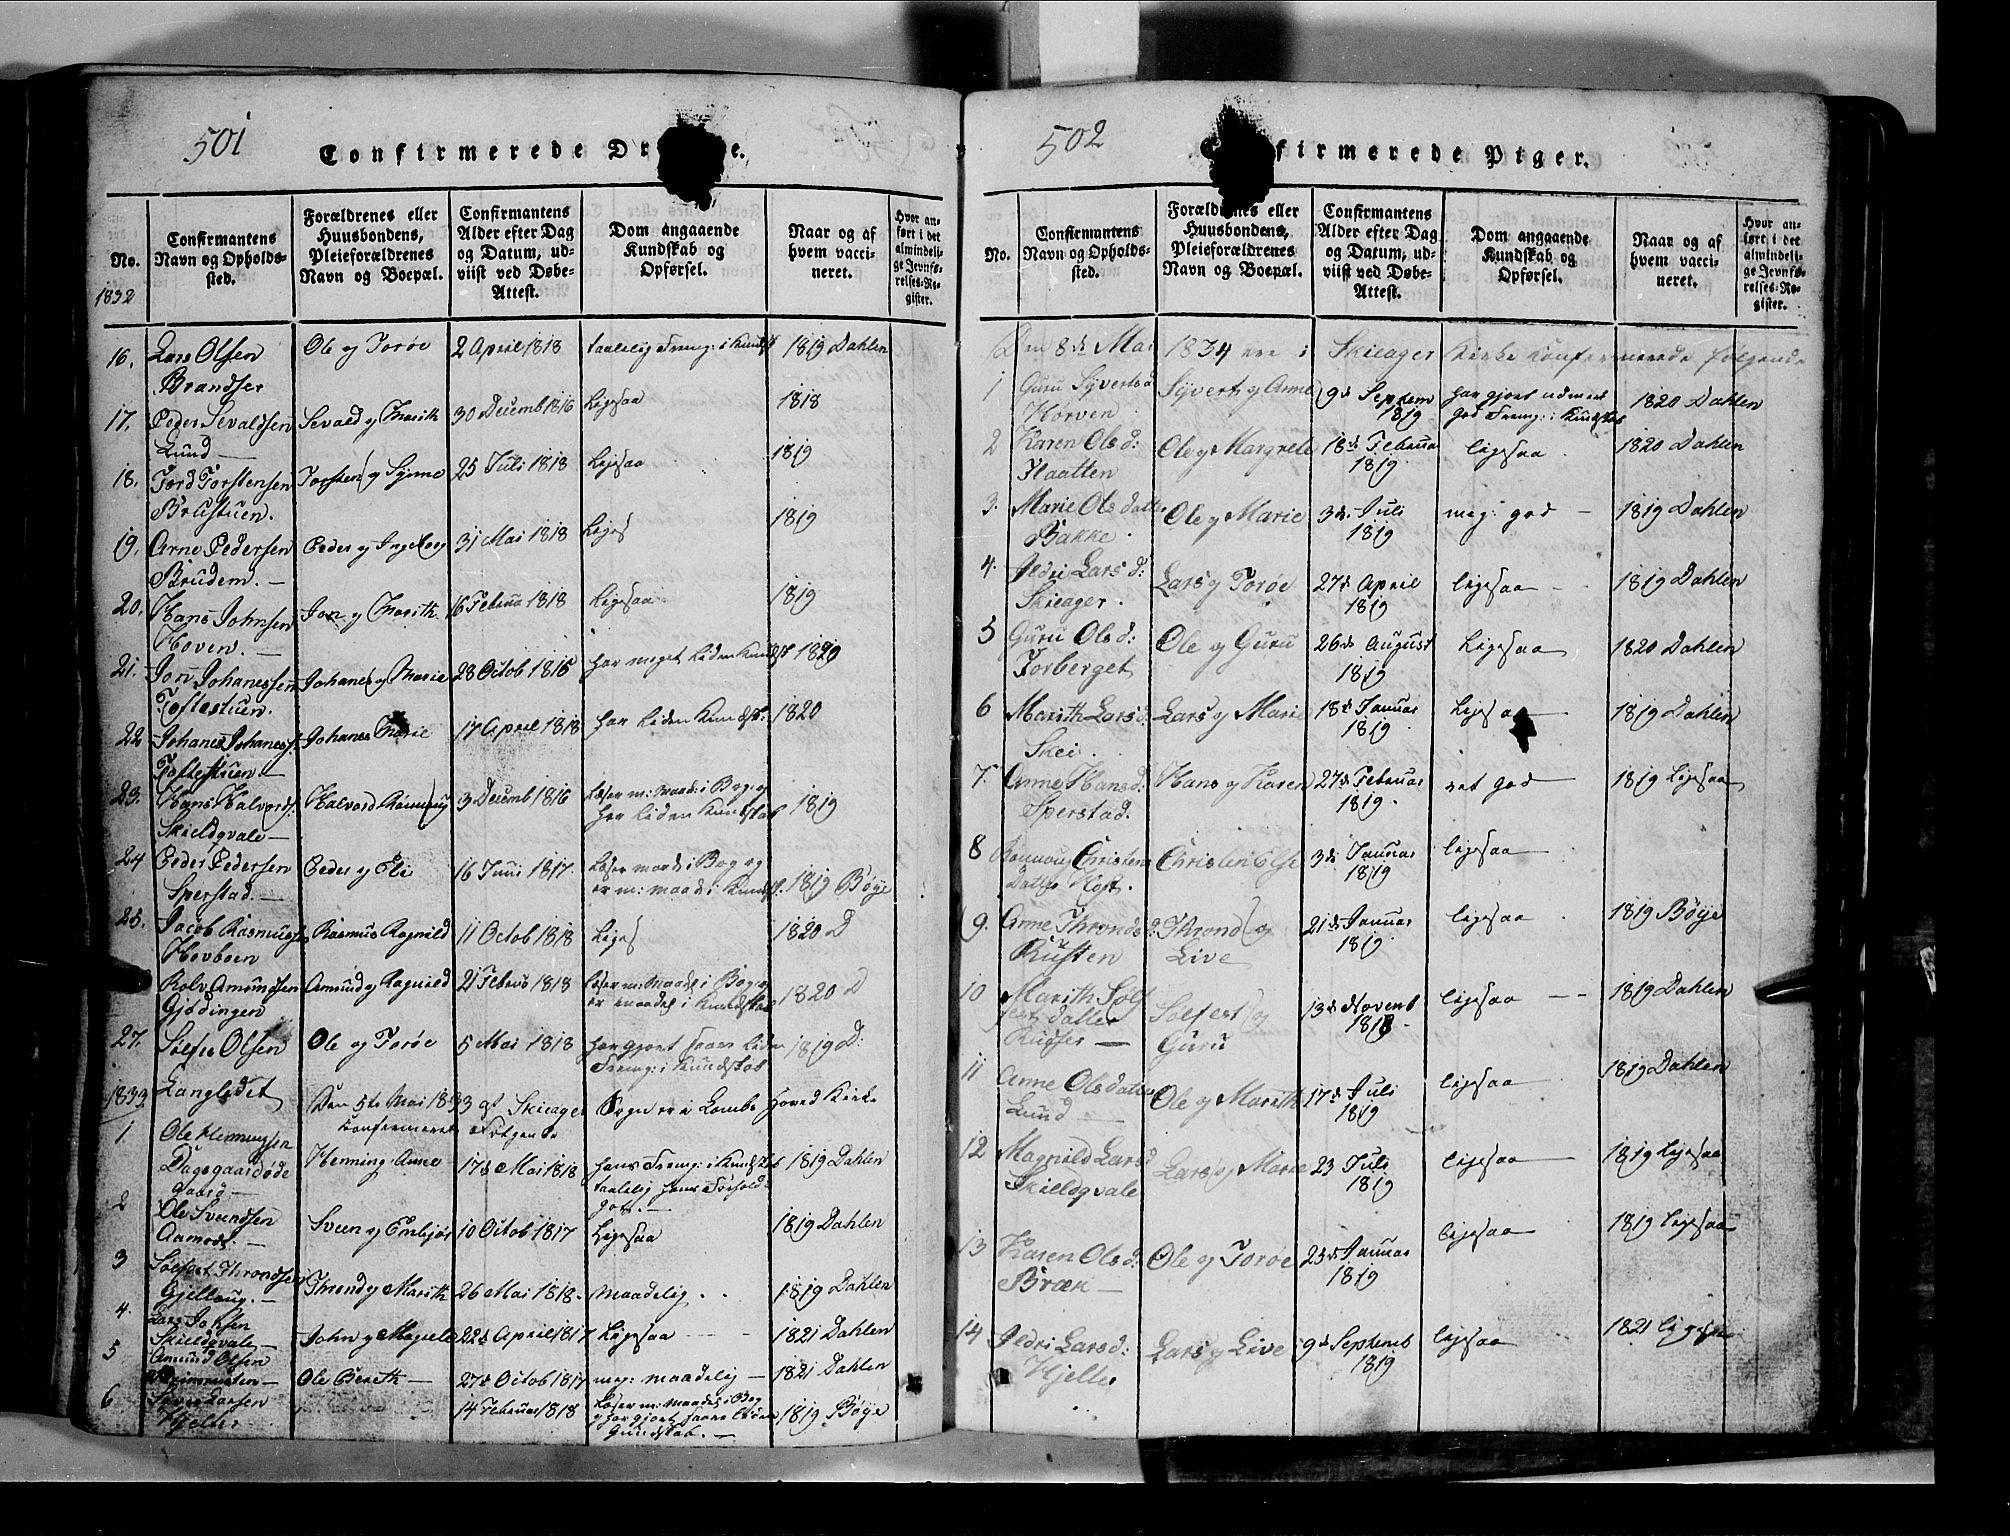 SAH, Lom prestekontor, L/L0003: Klokkerbok nr. 3, 1815-1844, s. 501-502